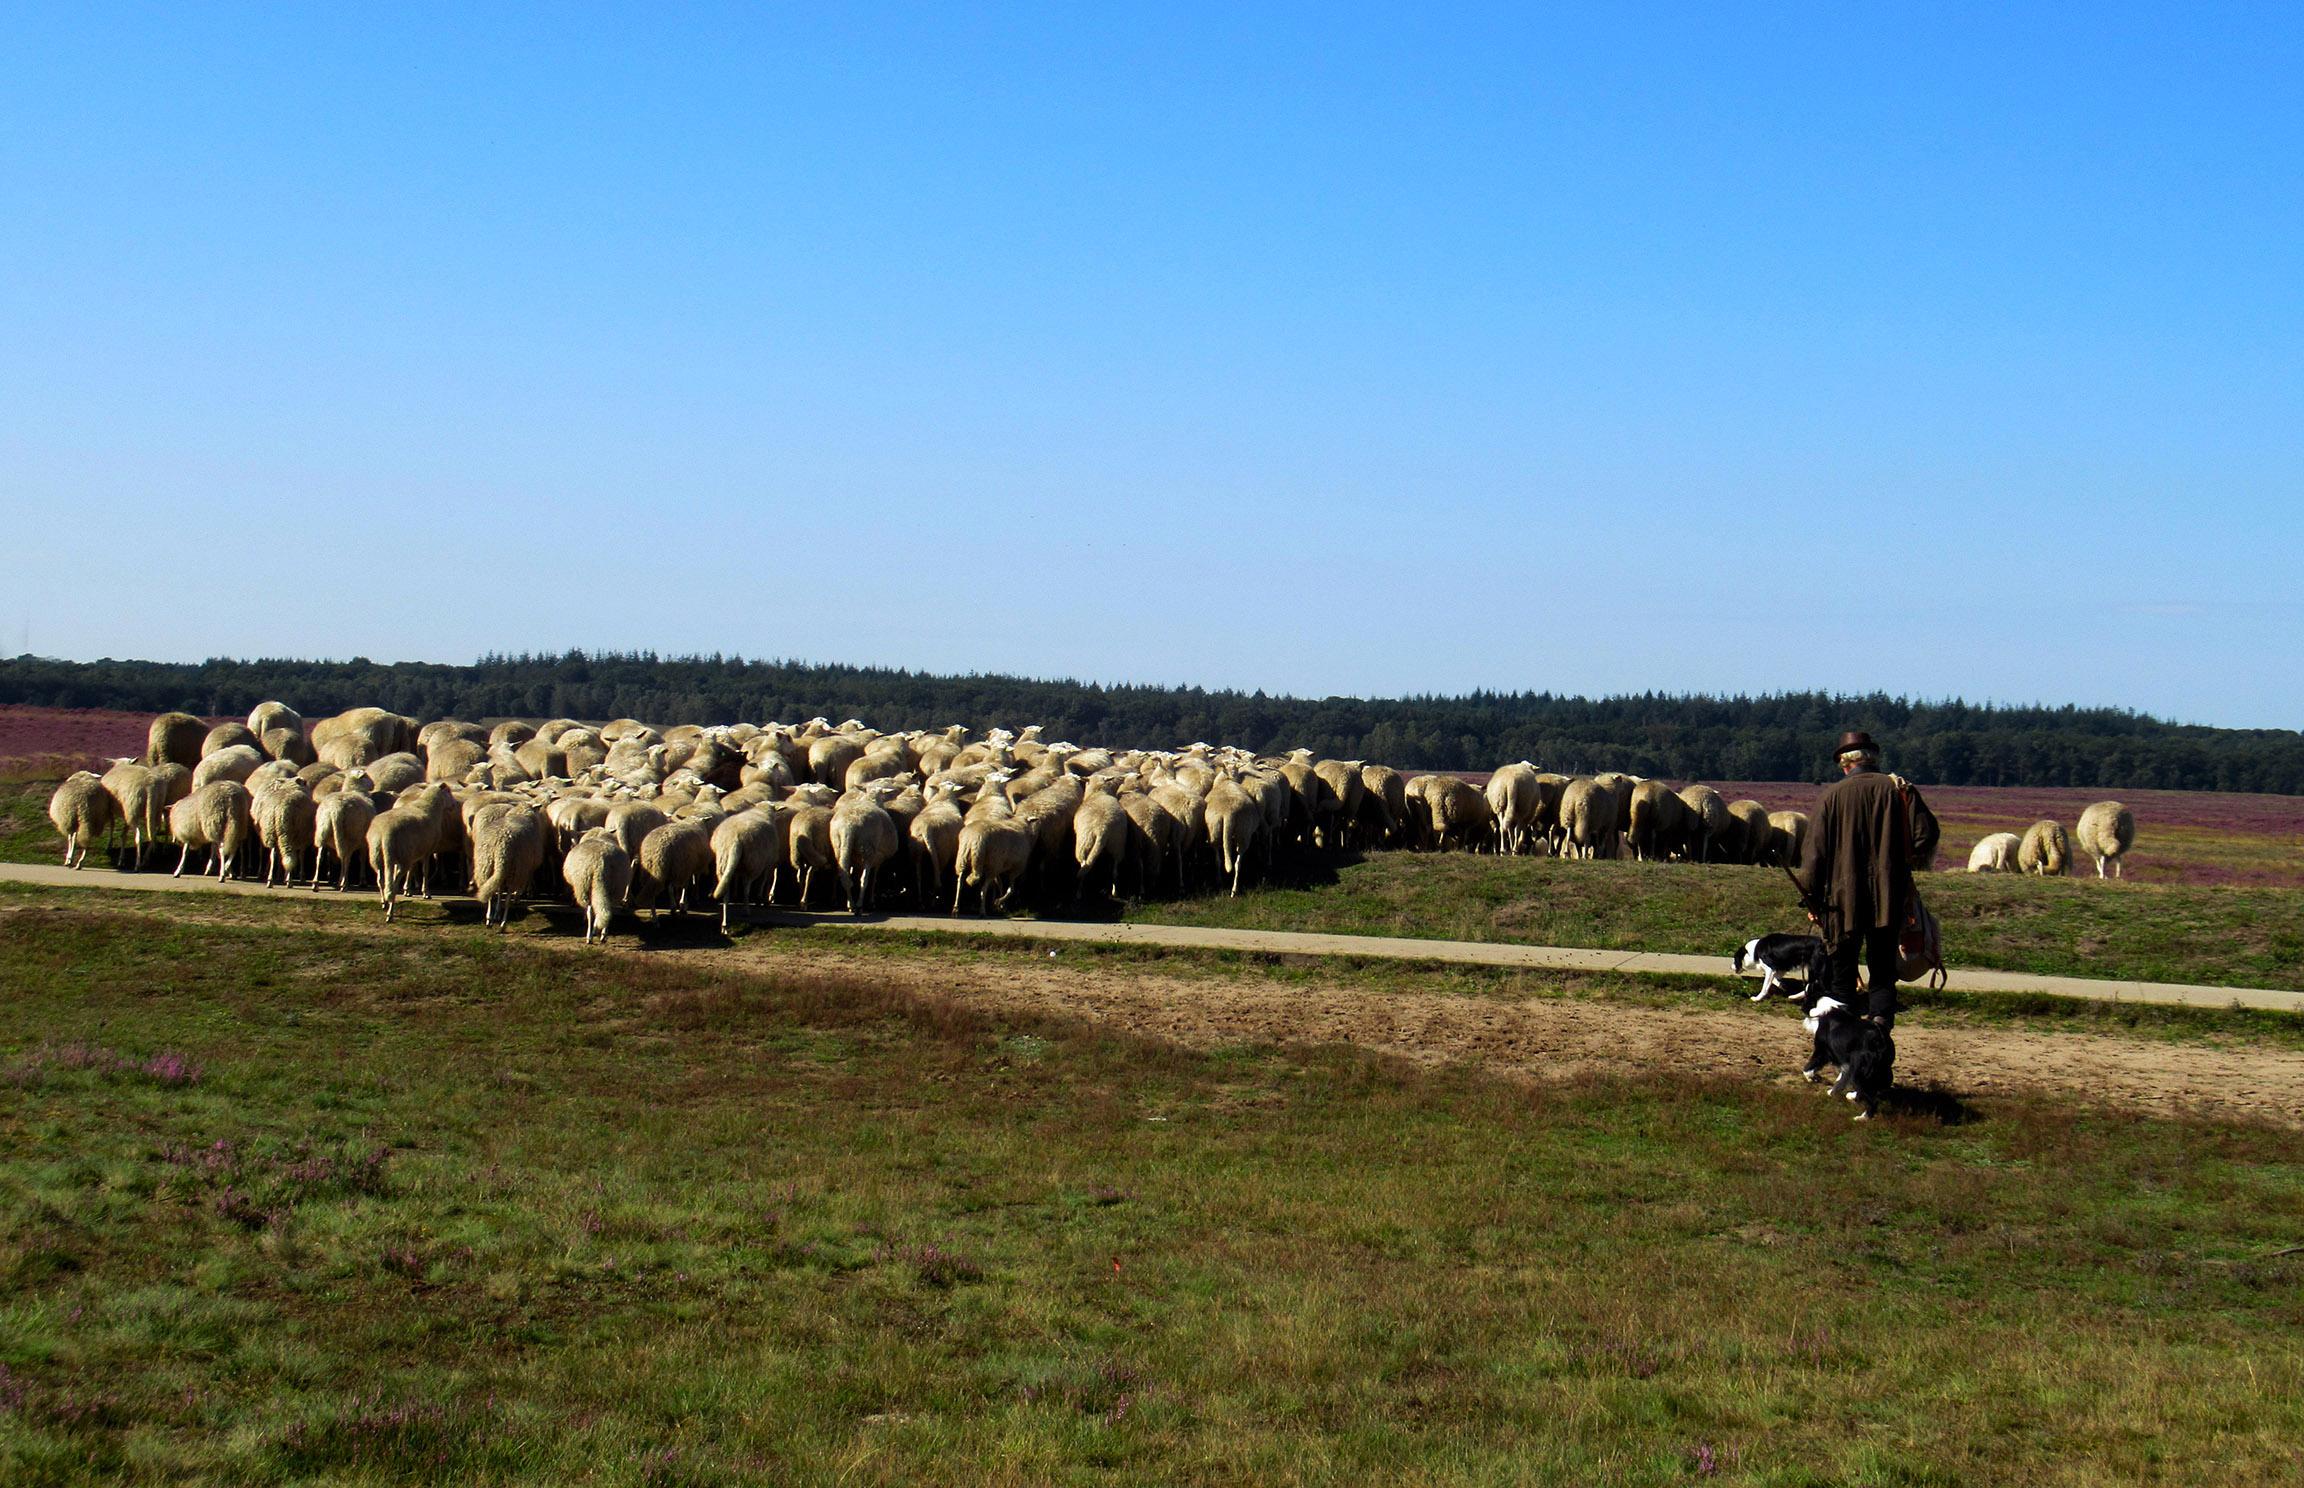 De schaapherder vertrekt vanaf de schaapskooi met zijn kudde de hei op - Foto: ©Louis Fraanje